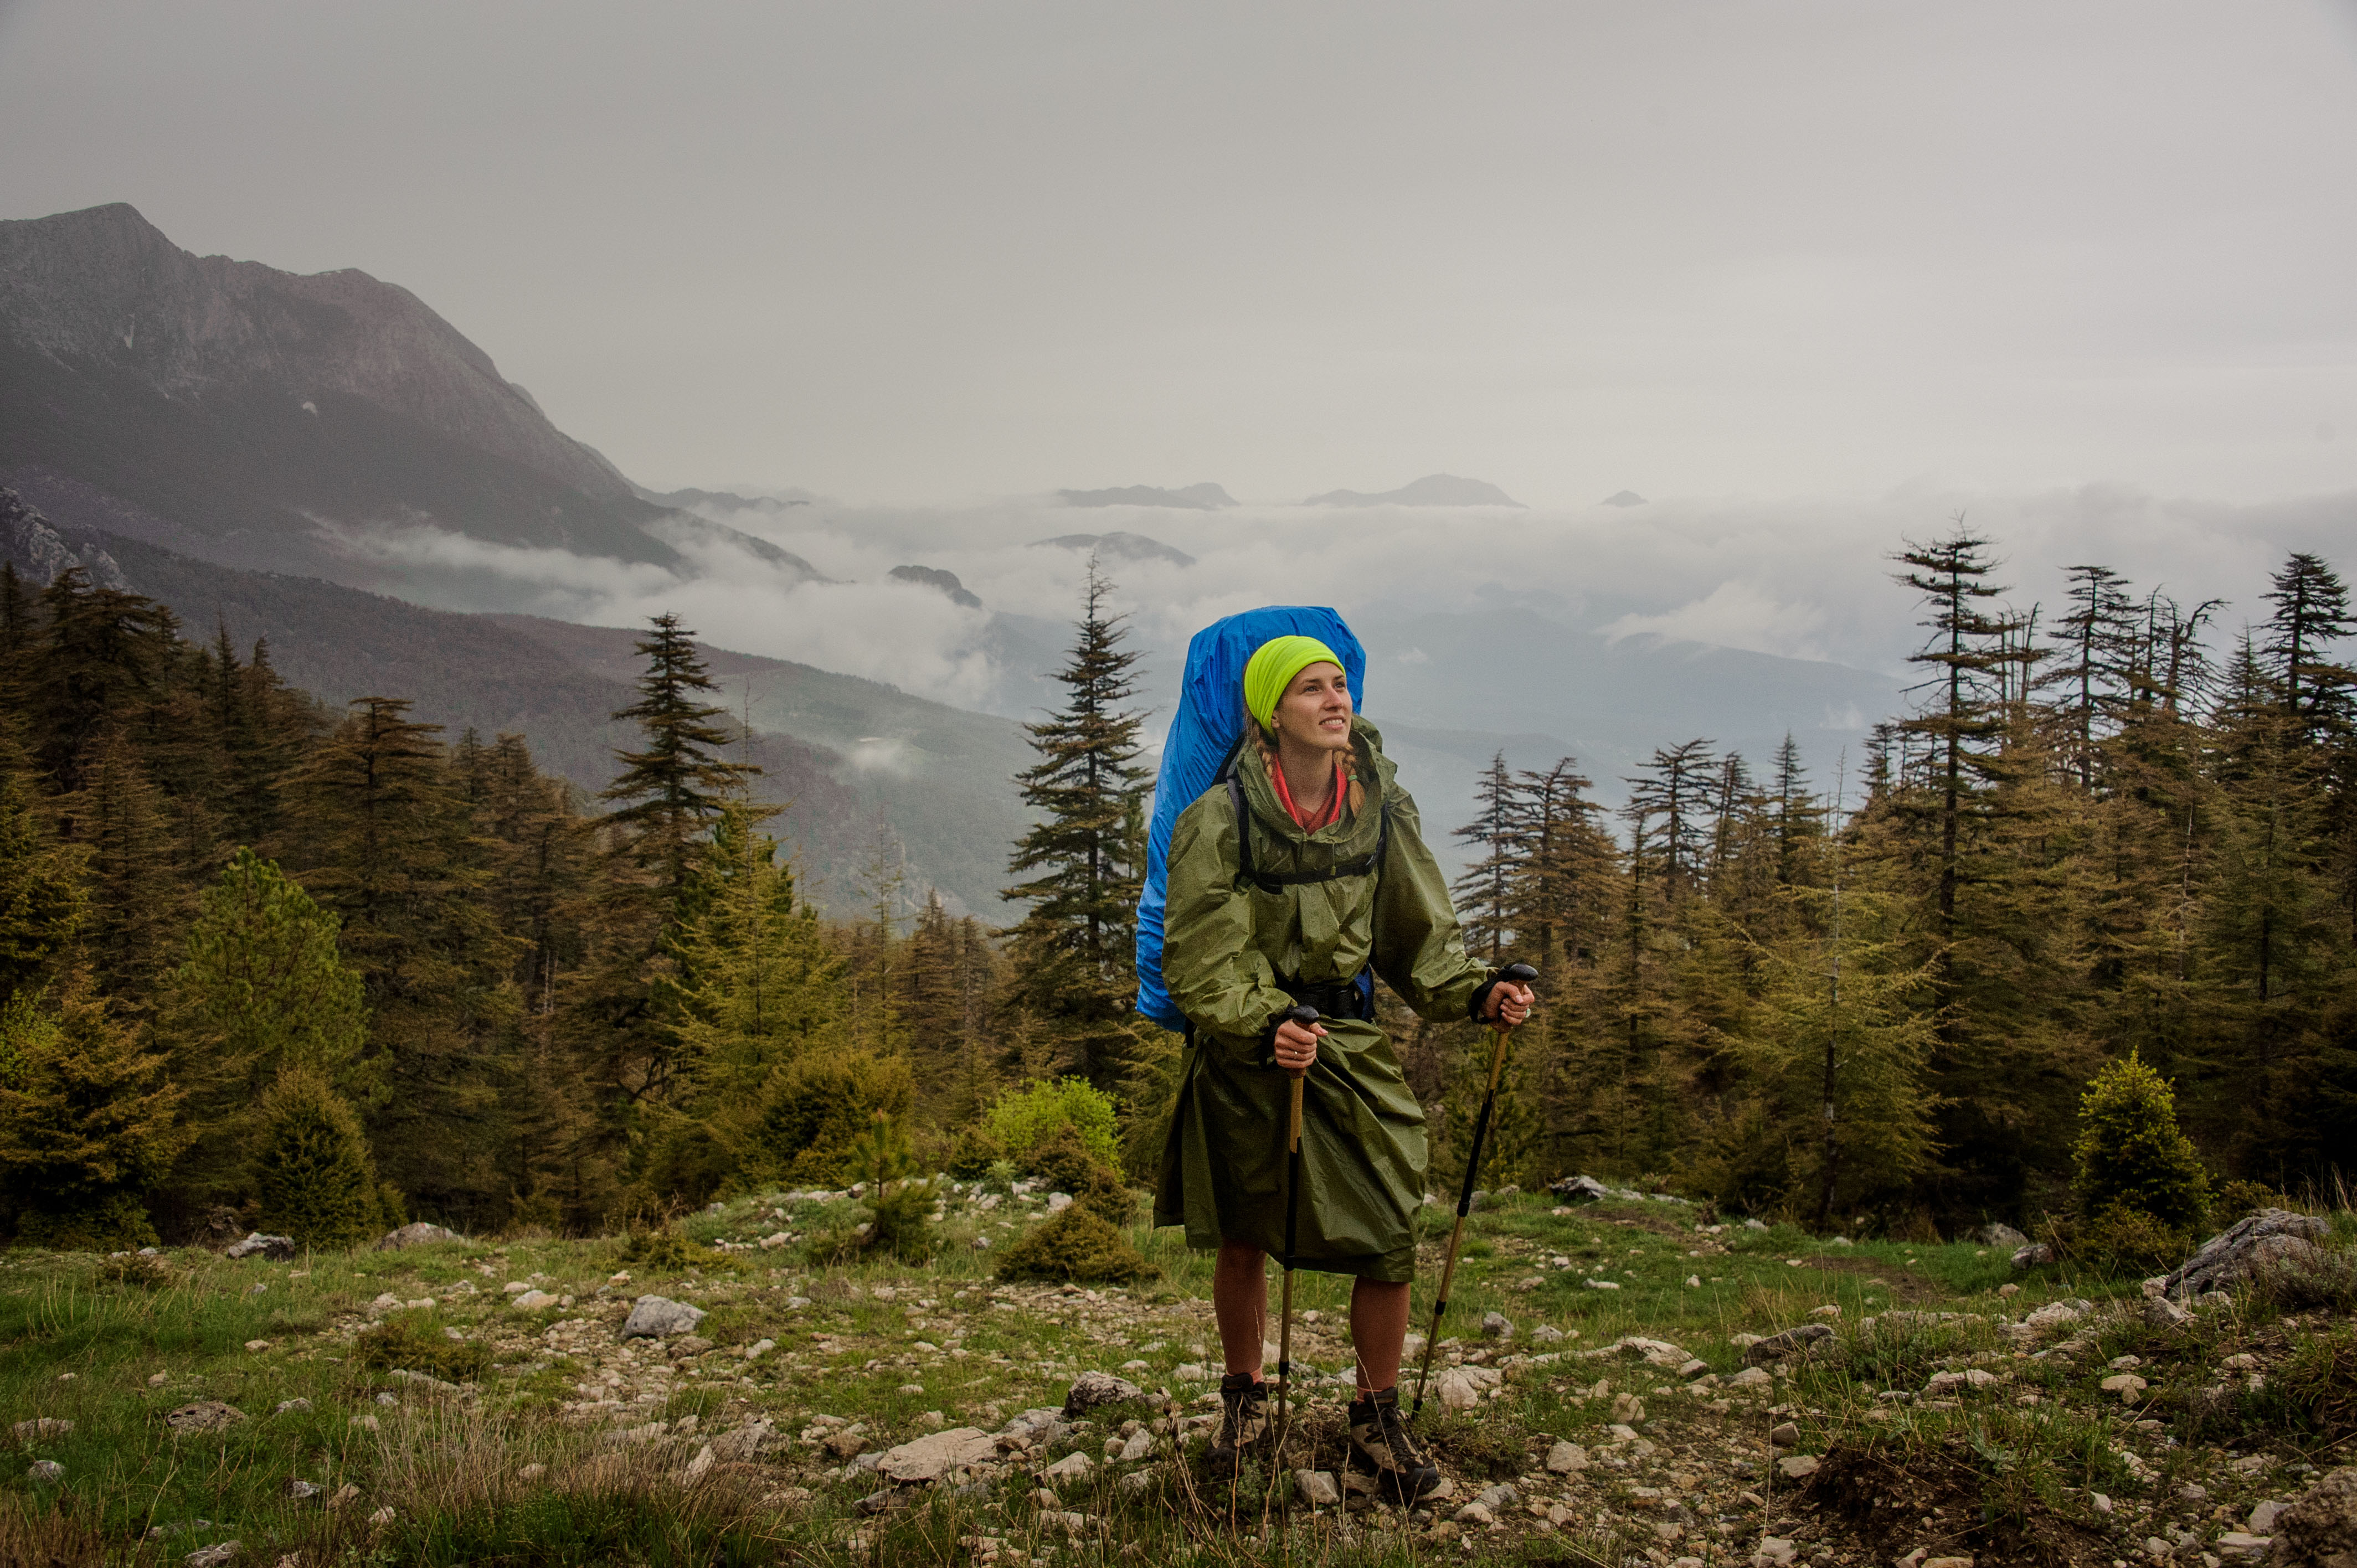 Une voyageuse solo est en montagne avec un sac à dos sous la pluie.jpg